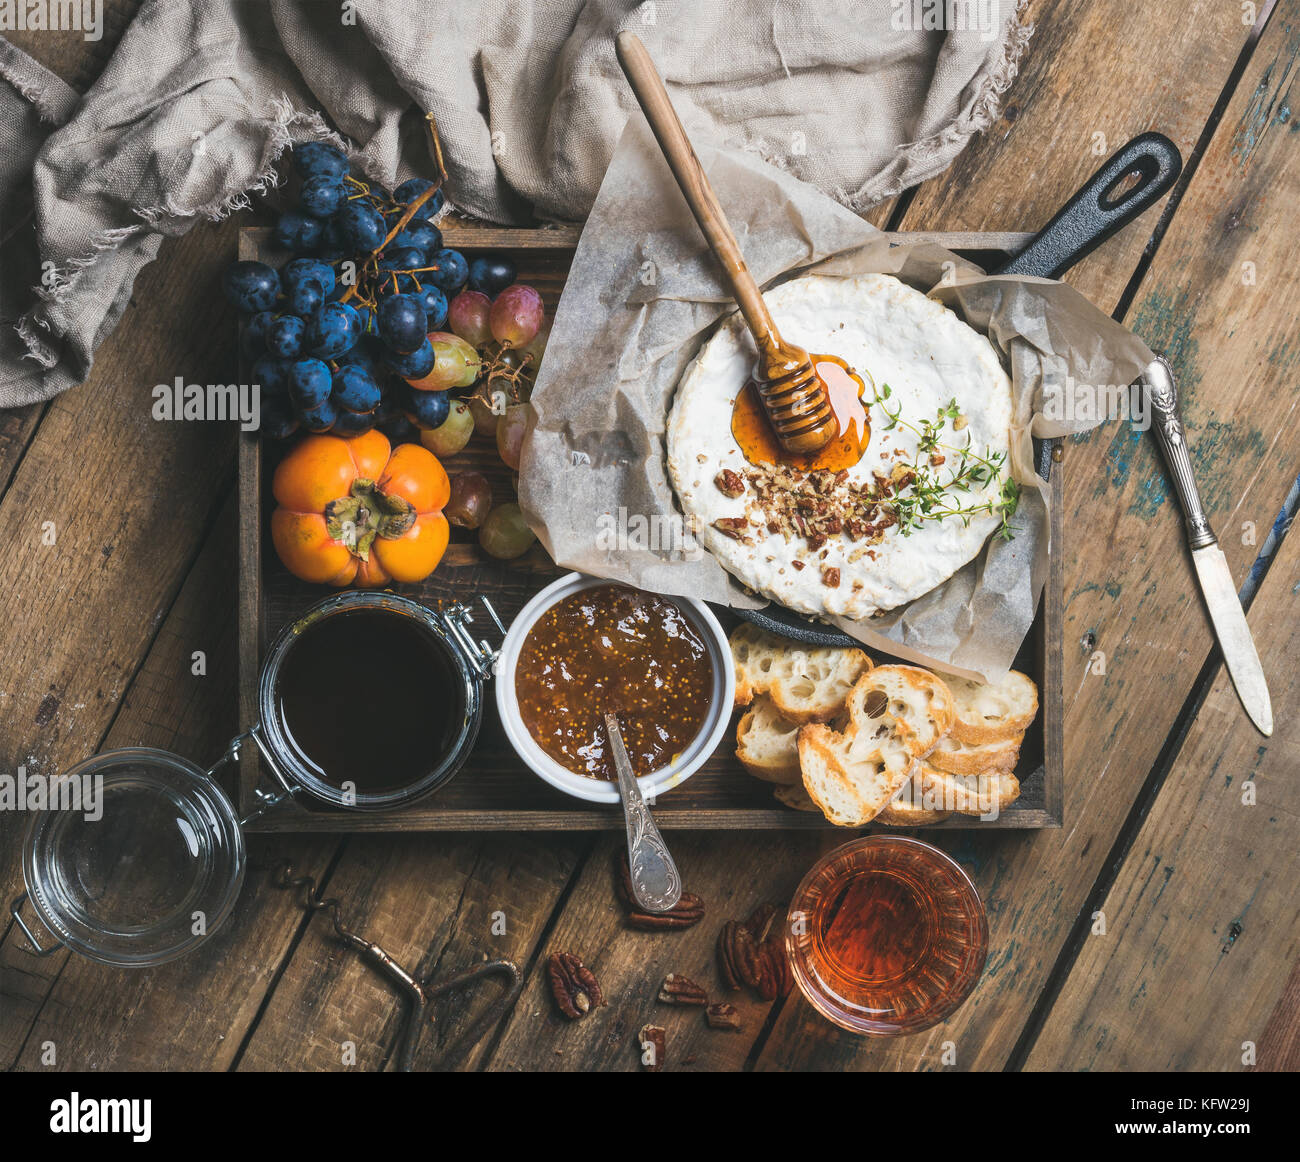 Camambert mit Honig, Nüsse, Kräuter, Obst und Wein Stockbild